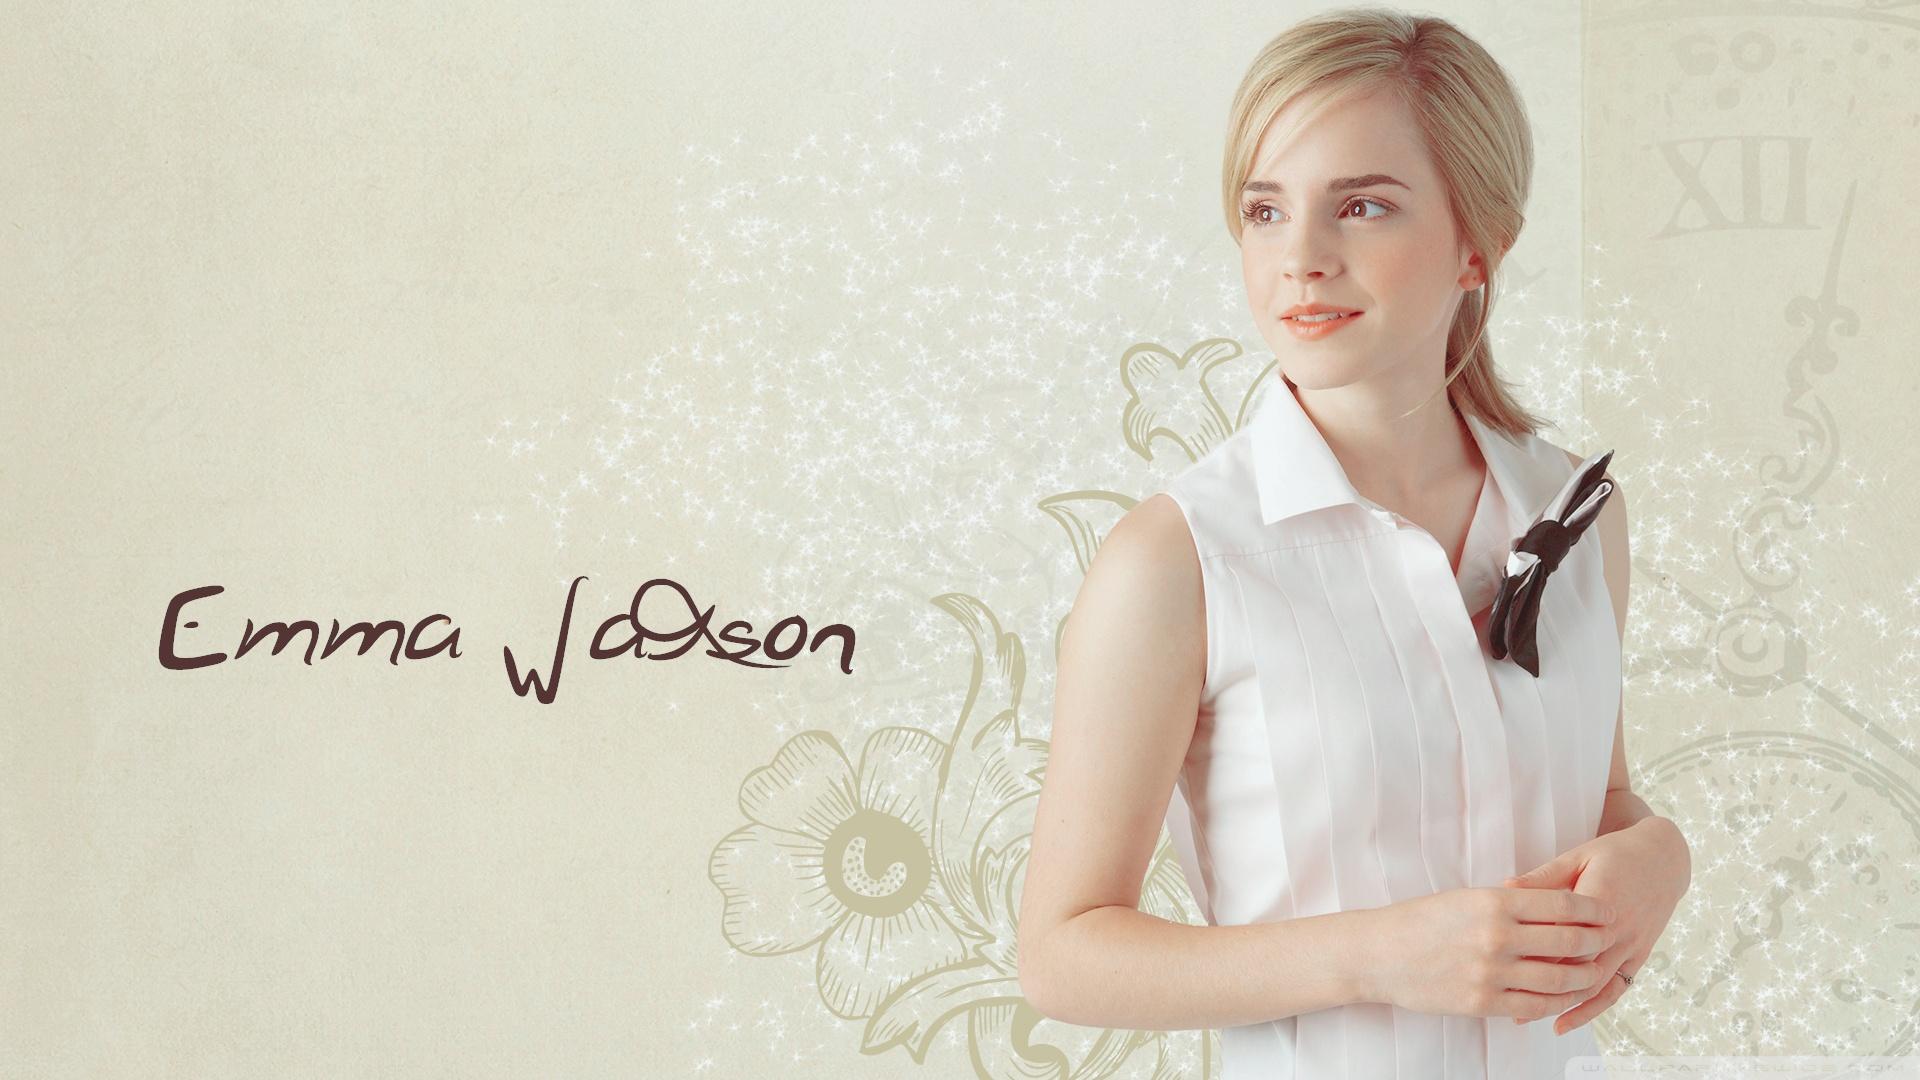 Hd wallpaper emma watson - Standard